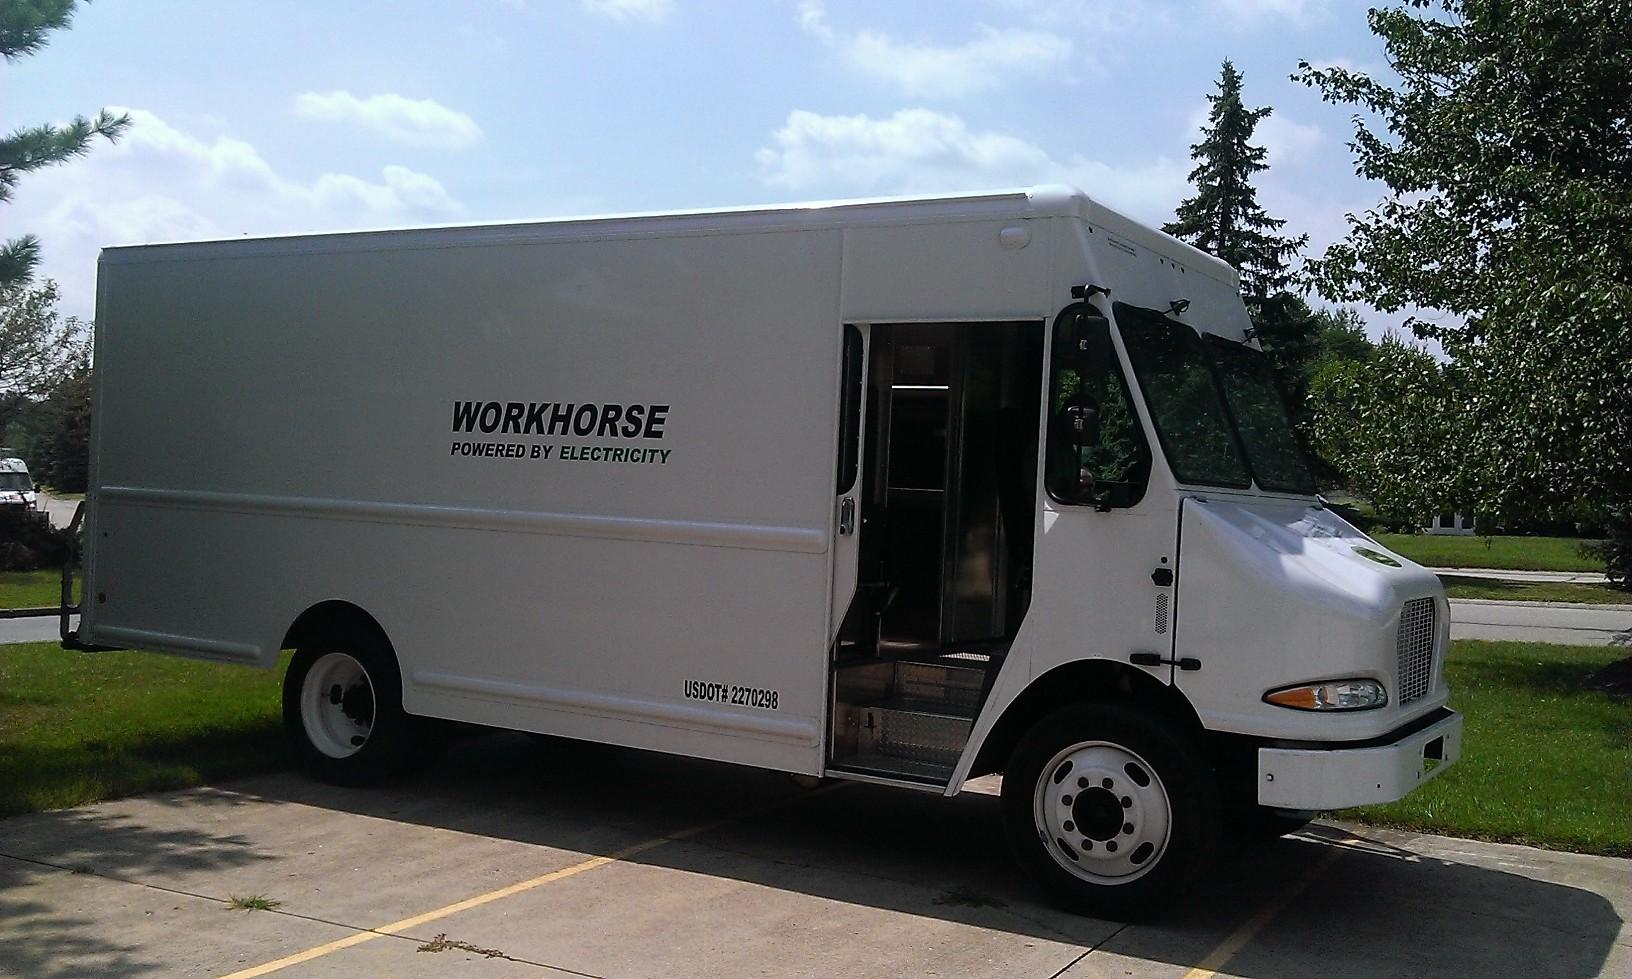 Logistics Fleet Adds AMP Electric Vans in Texas